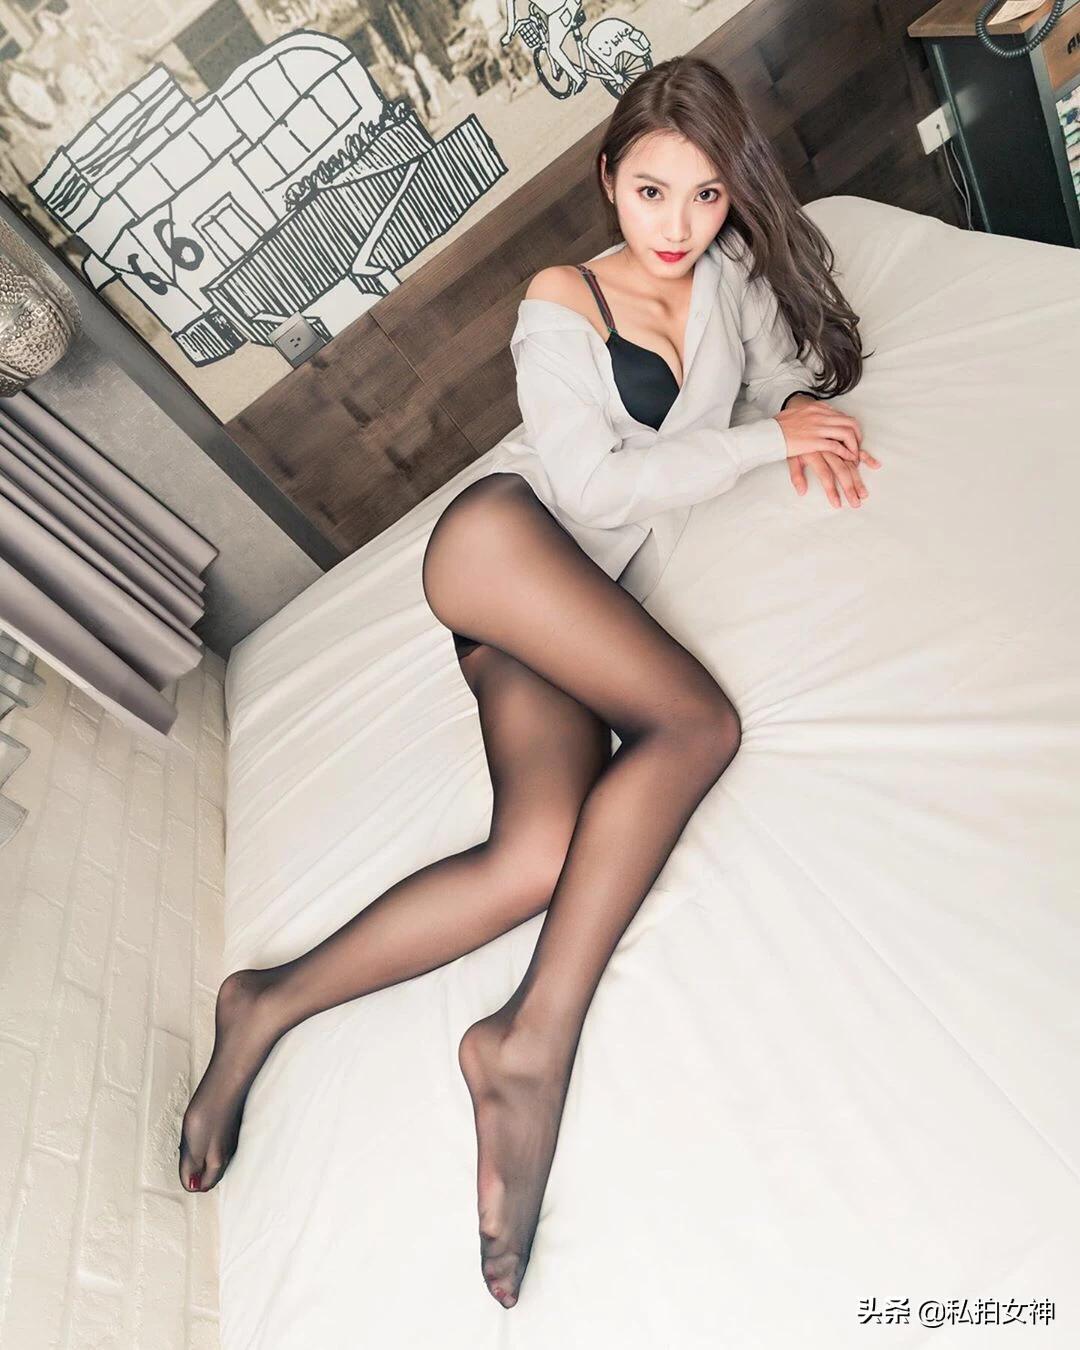 白色床单上的性感美女